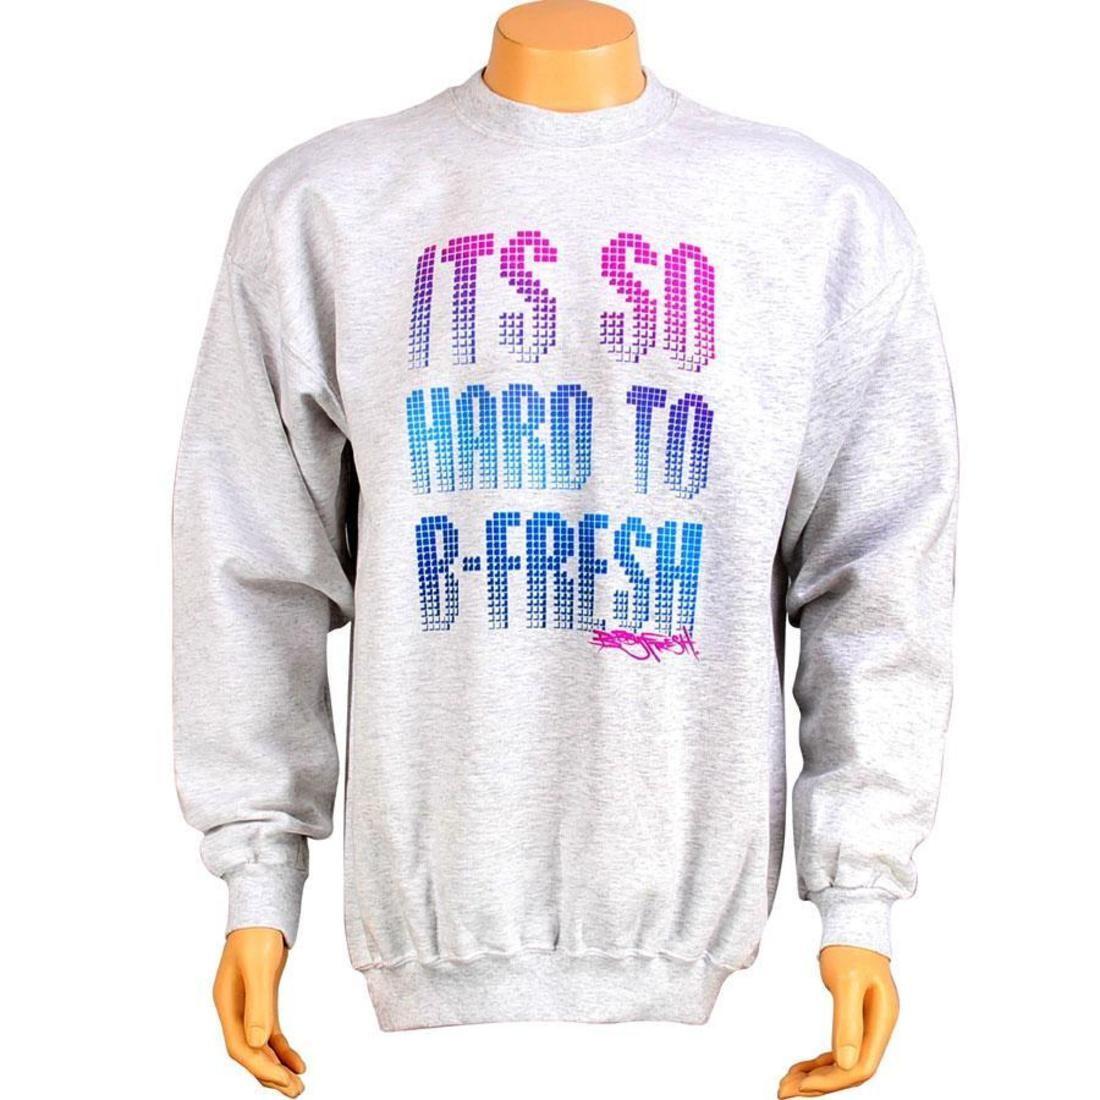 【海外限定 FRESH】フレッシュ カットソー メンズファッション【 BOBBY TO FRESH HARD HARD TO BE SWEATER LIGHT GREY】, カワカミムラ:7beb5c43 --- officewill.xsrv.jp